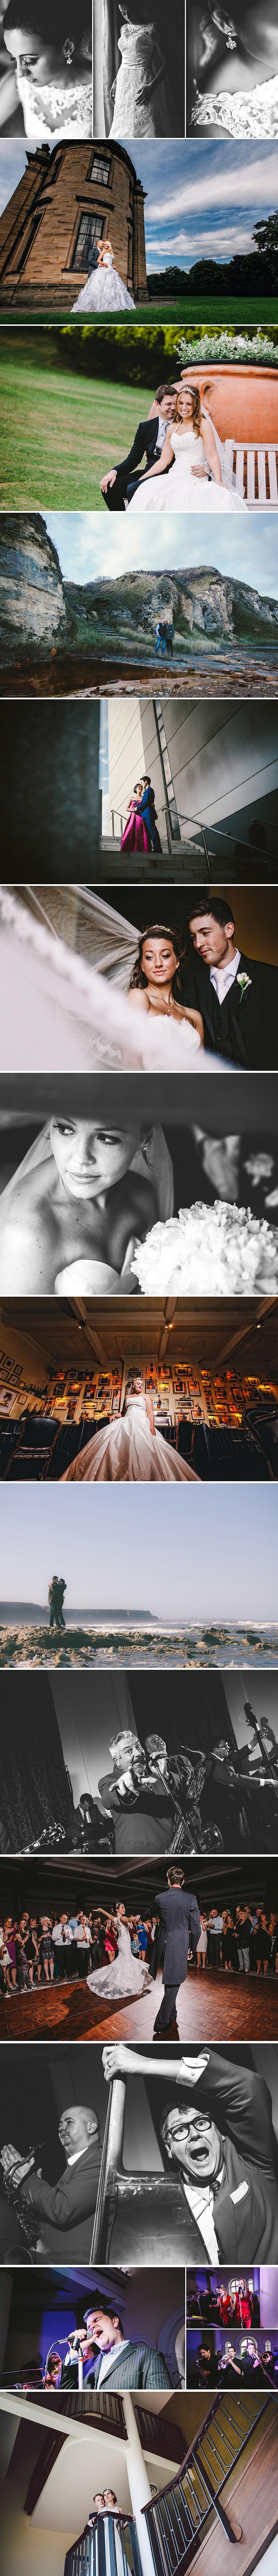 Collage-131231-BestOf2013-11.jpg